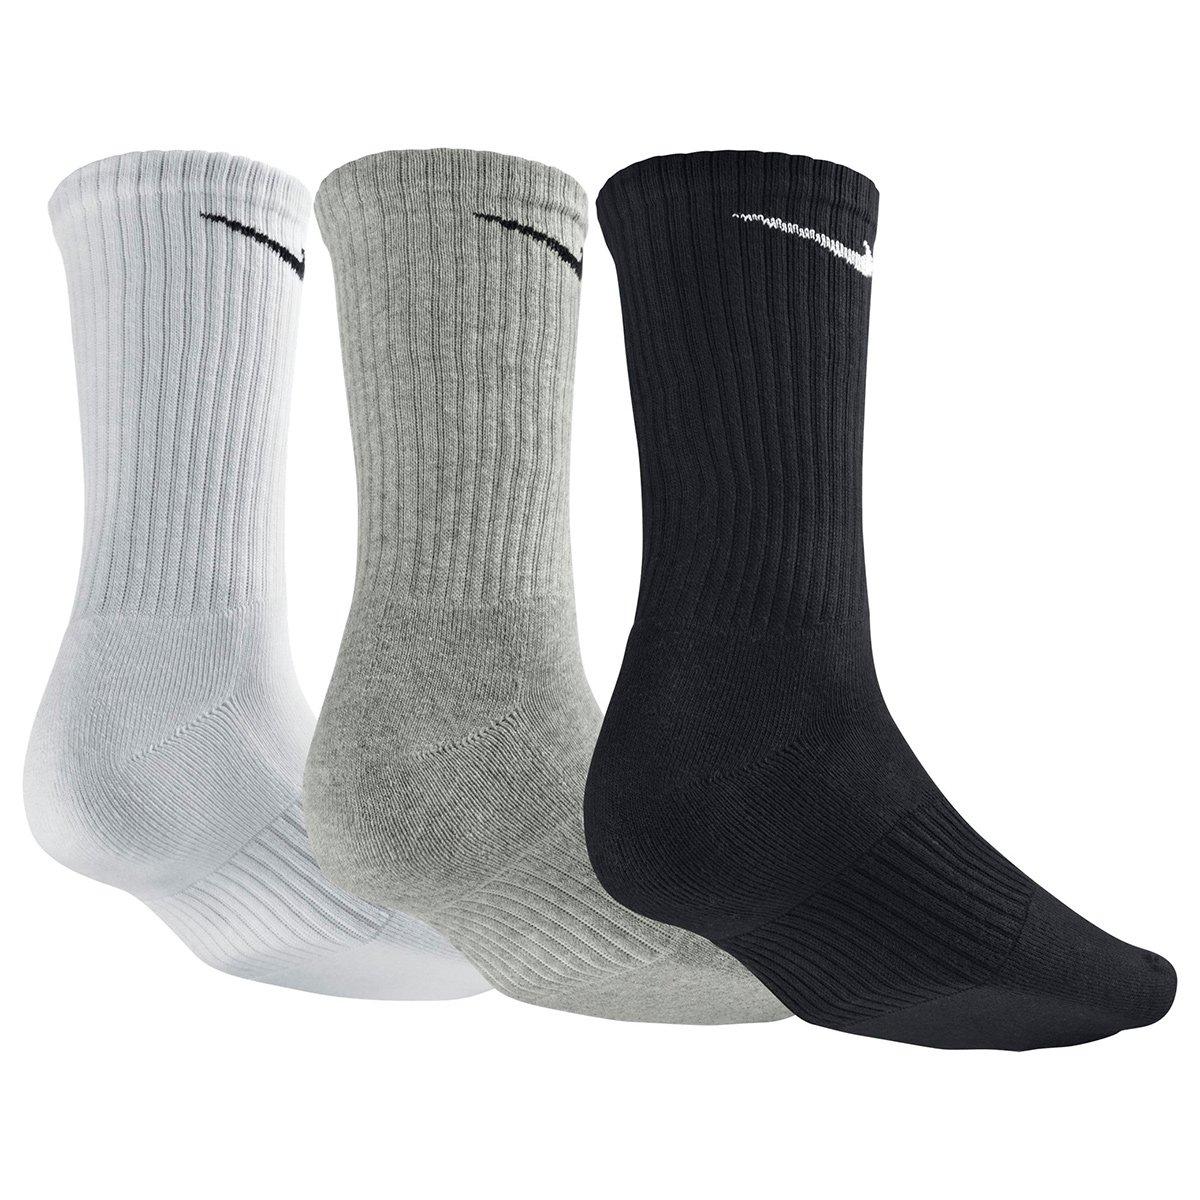 Meia Nike Cano Alto Pacote c  3 Pares - Branco e Preto - Compre ... 819b073490f6a